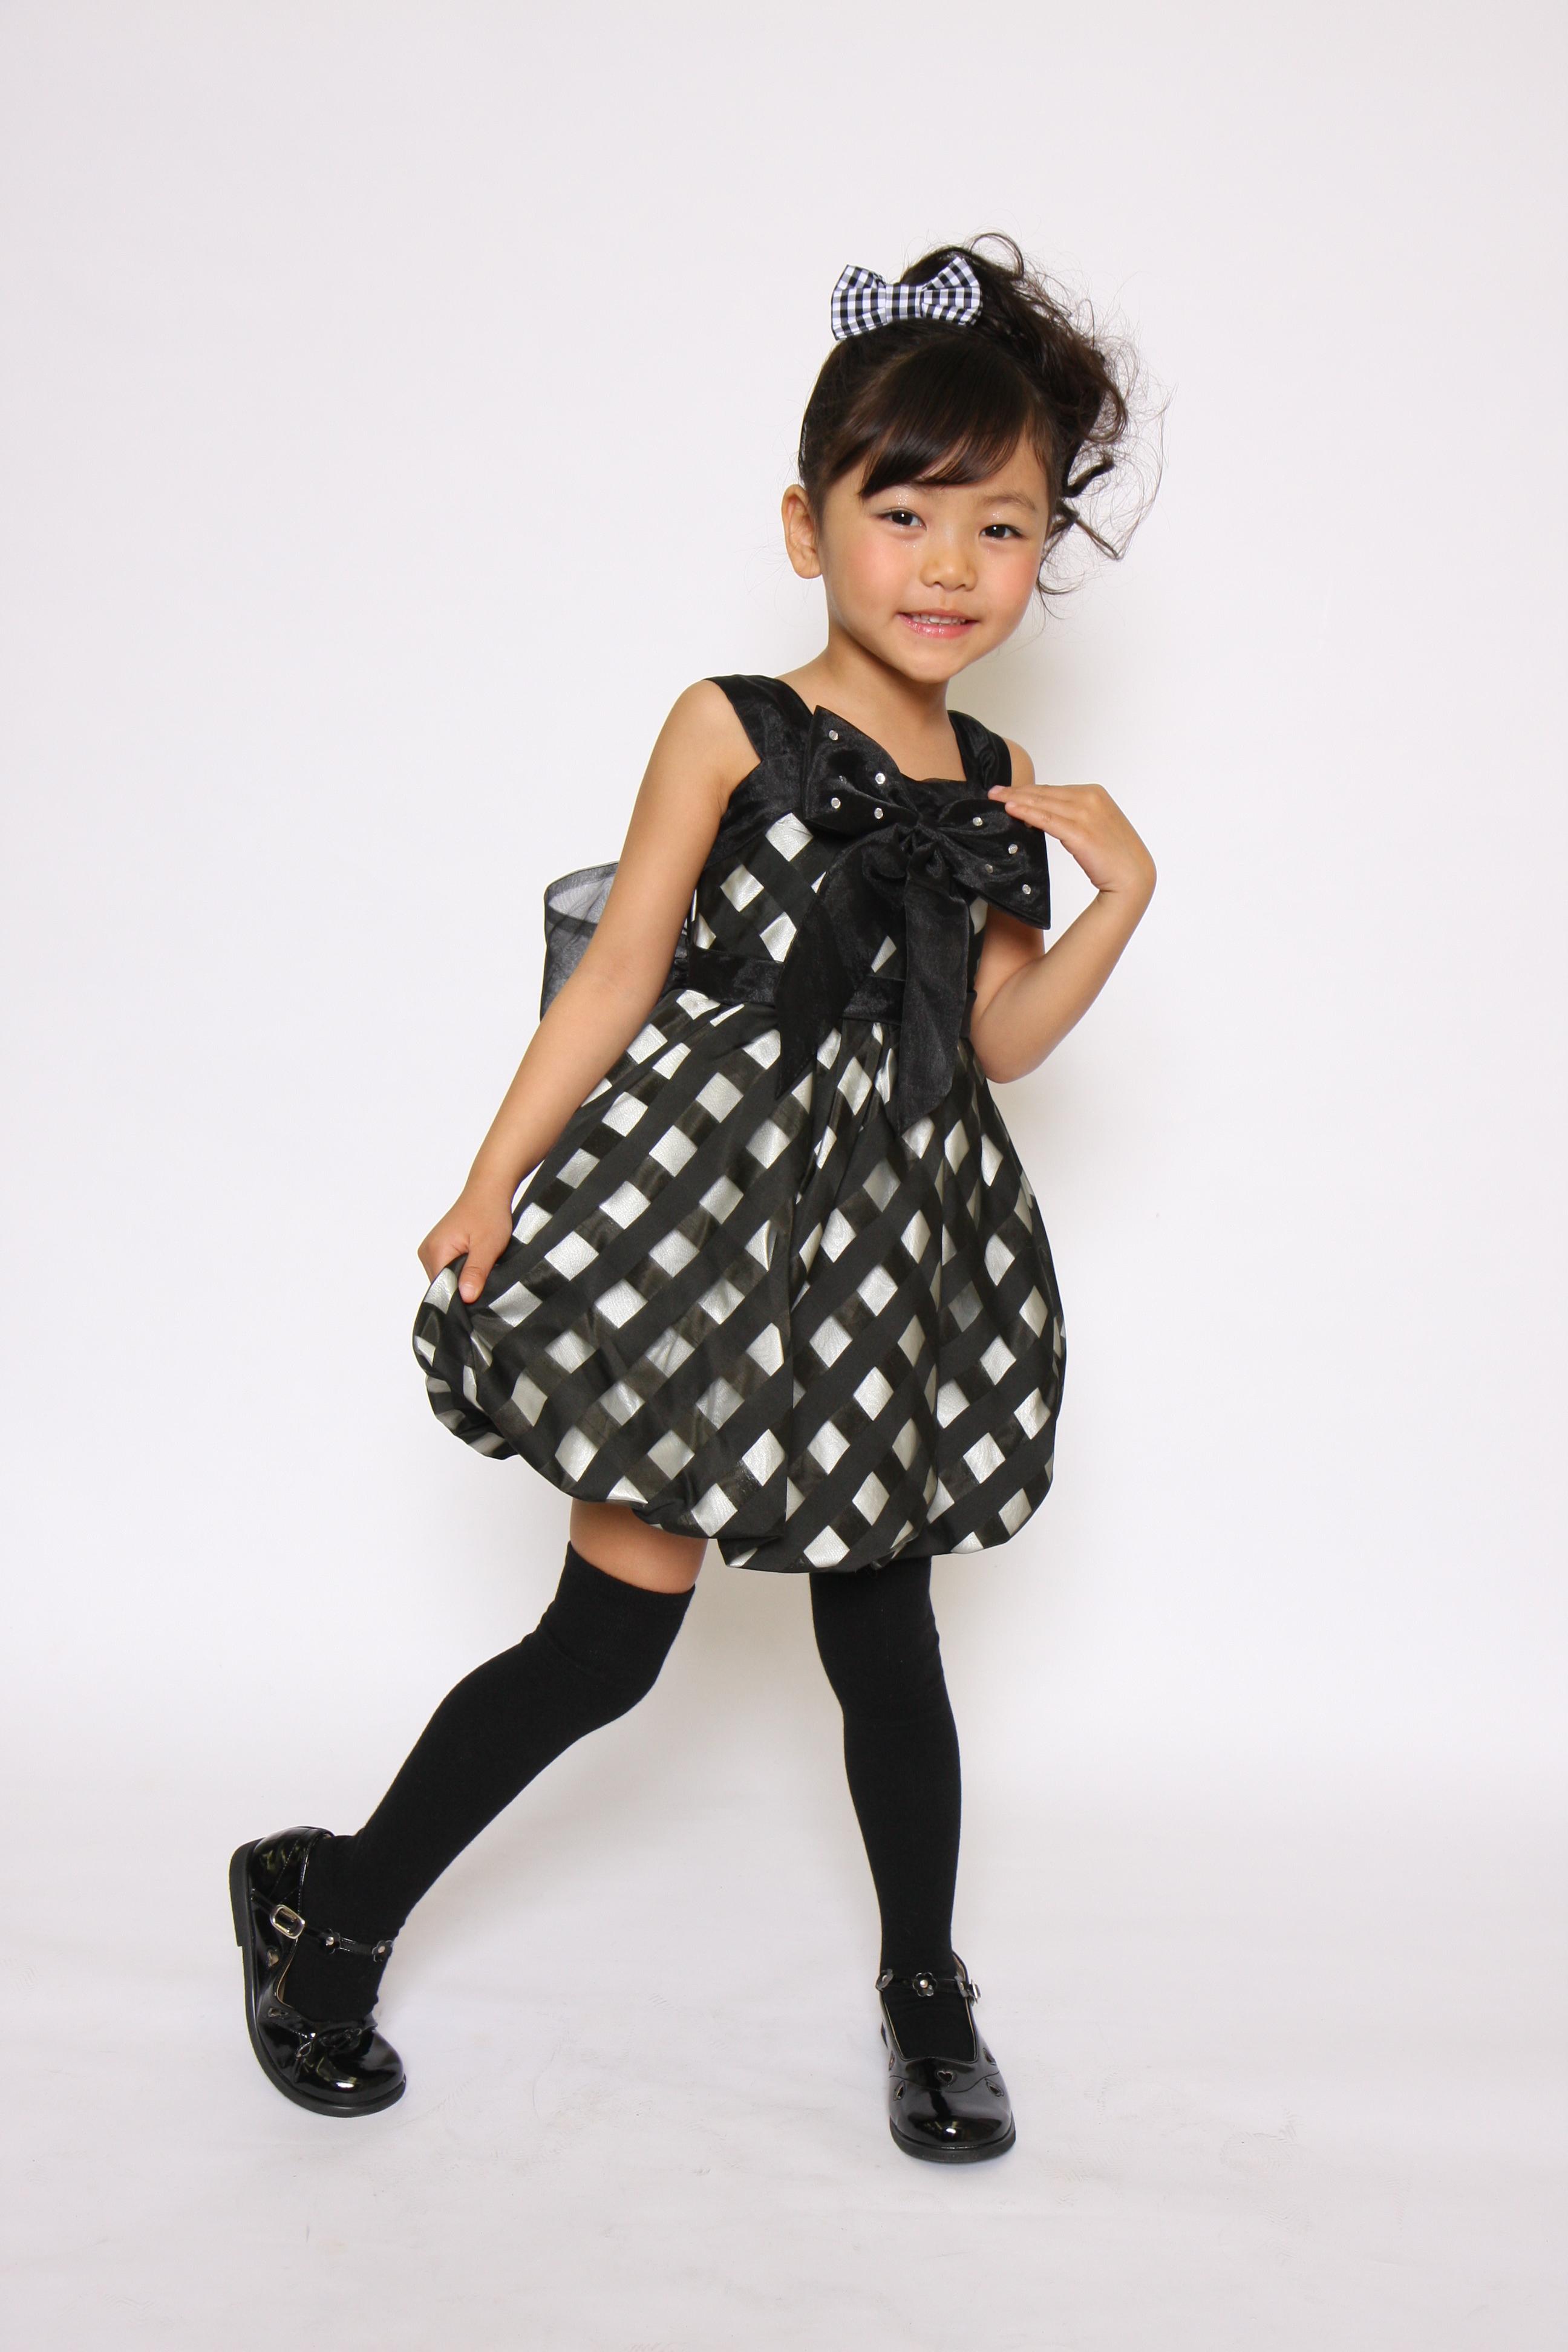 キッズモデル 子供ドレスで撮影♪